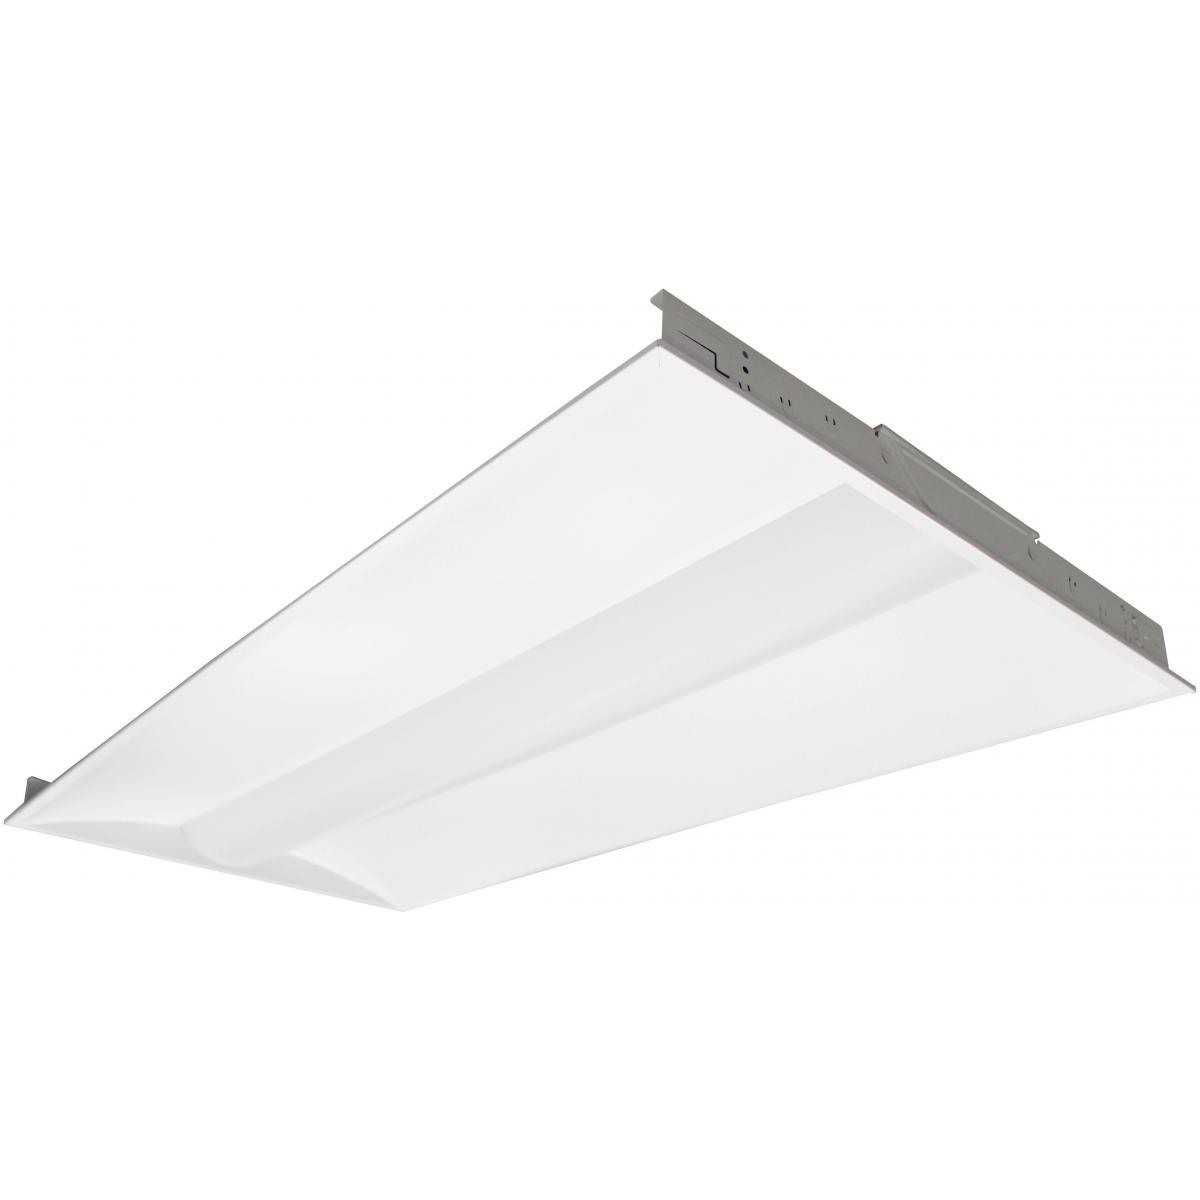 65-428 2FT X 4FT LED TROFFER 40W